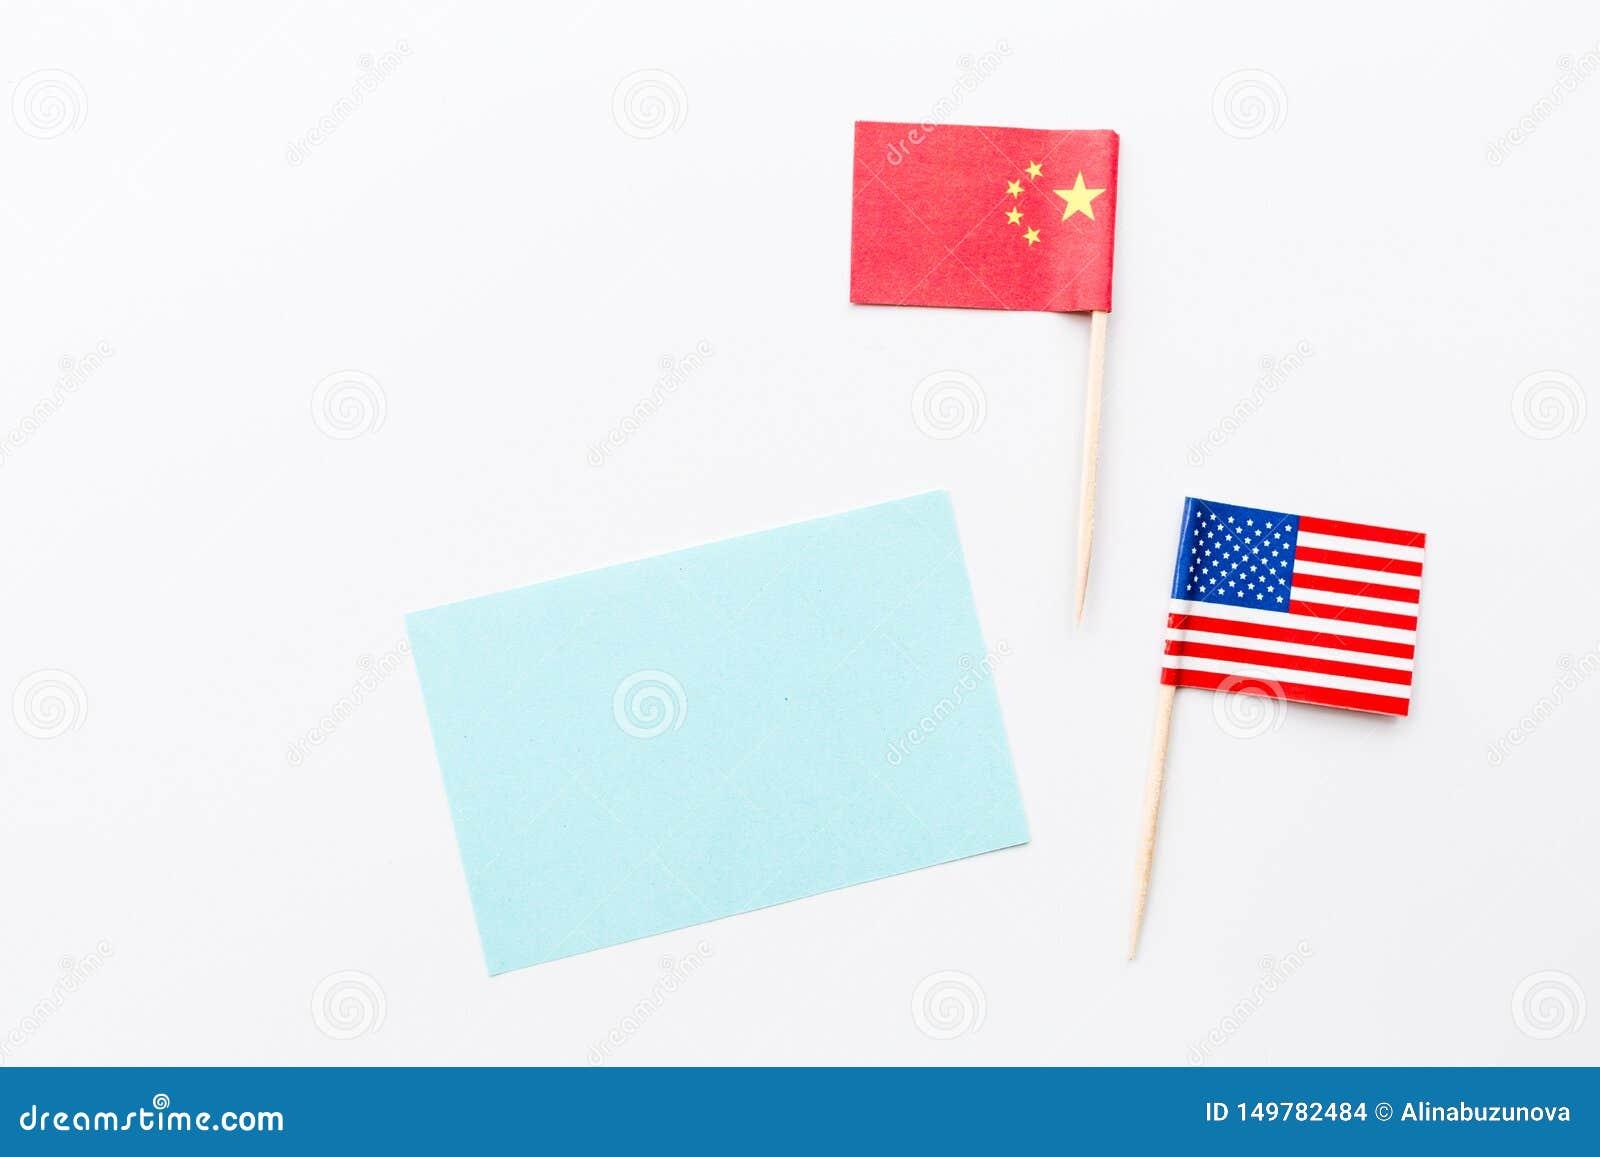 Disposizione piana creativa di vista superiore della Cina e bandiera di U.S.A., modello e spazio della copia su fondo bianco nell